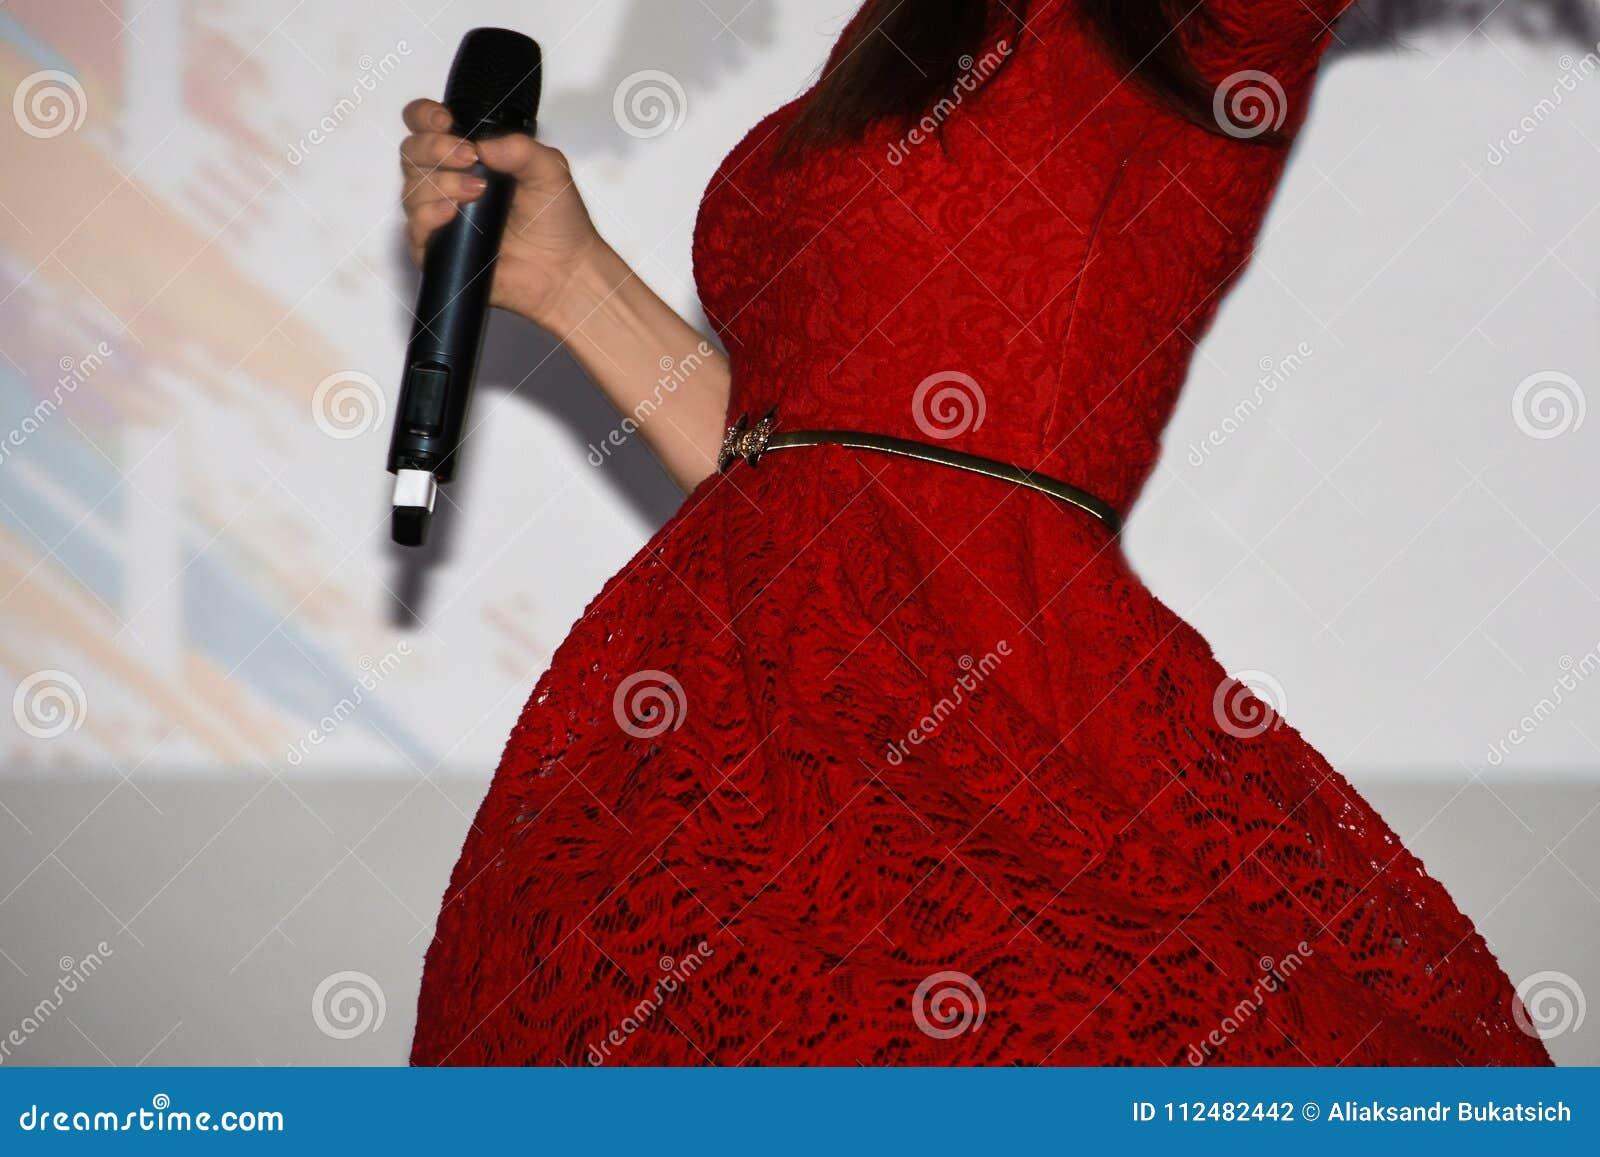 Il cantante della ragazza in un vestito rosso luminoso tiene un microfono in sua mano e si gira